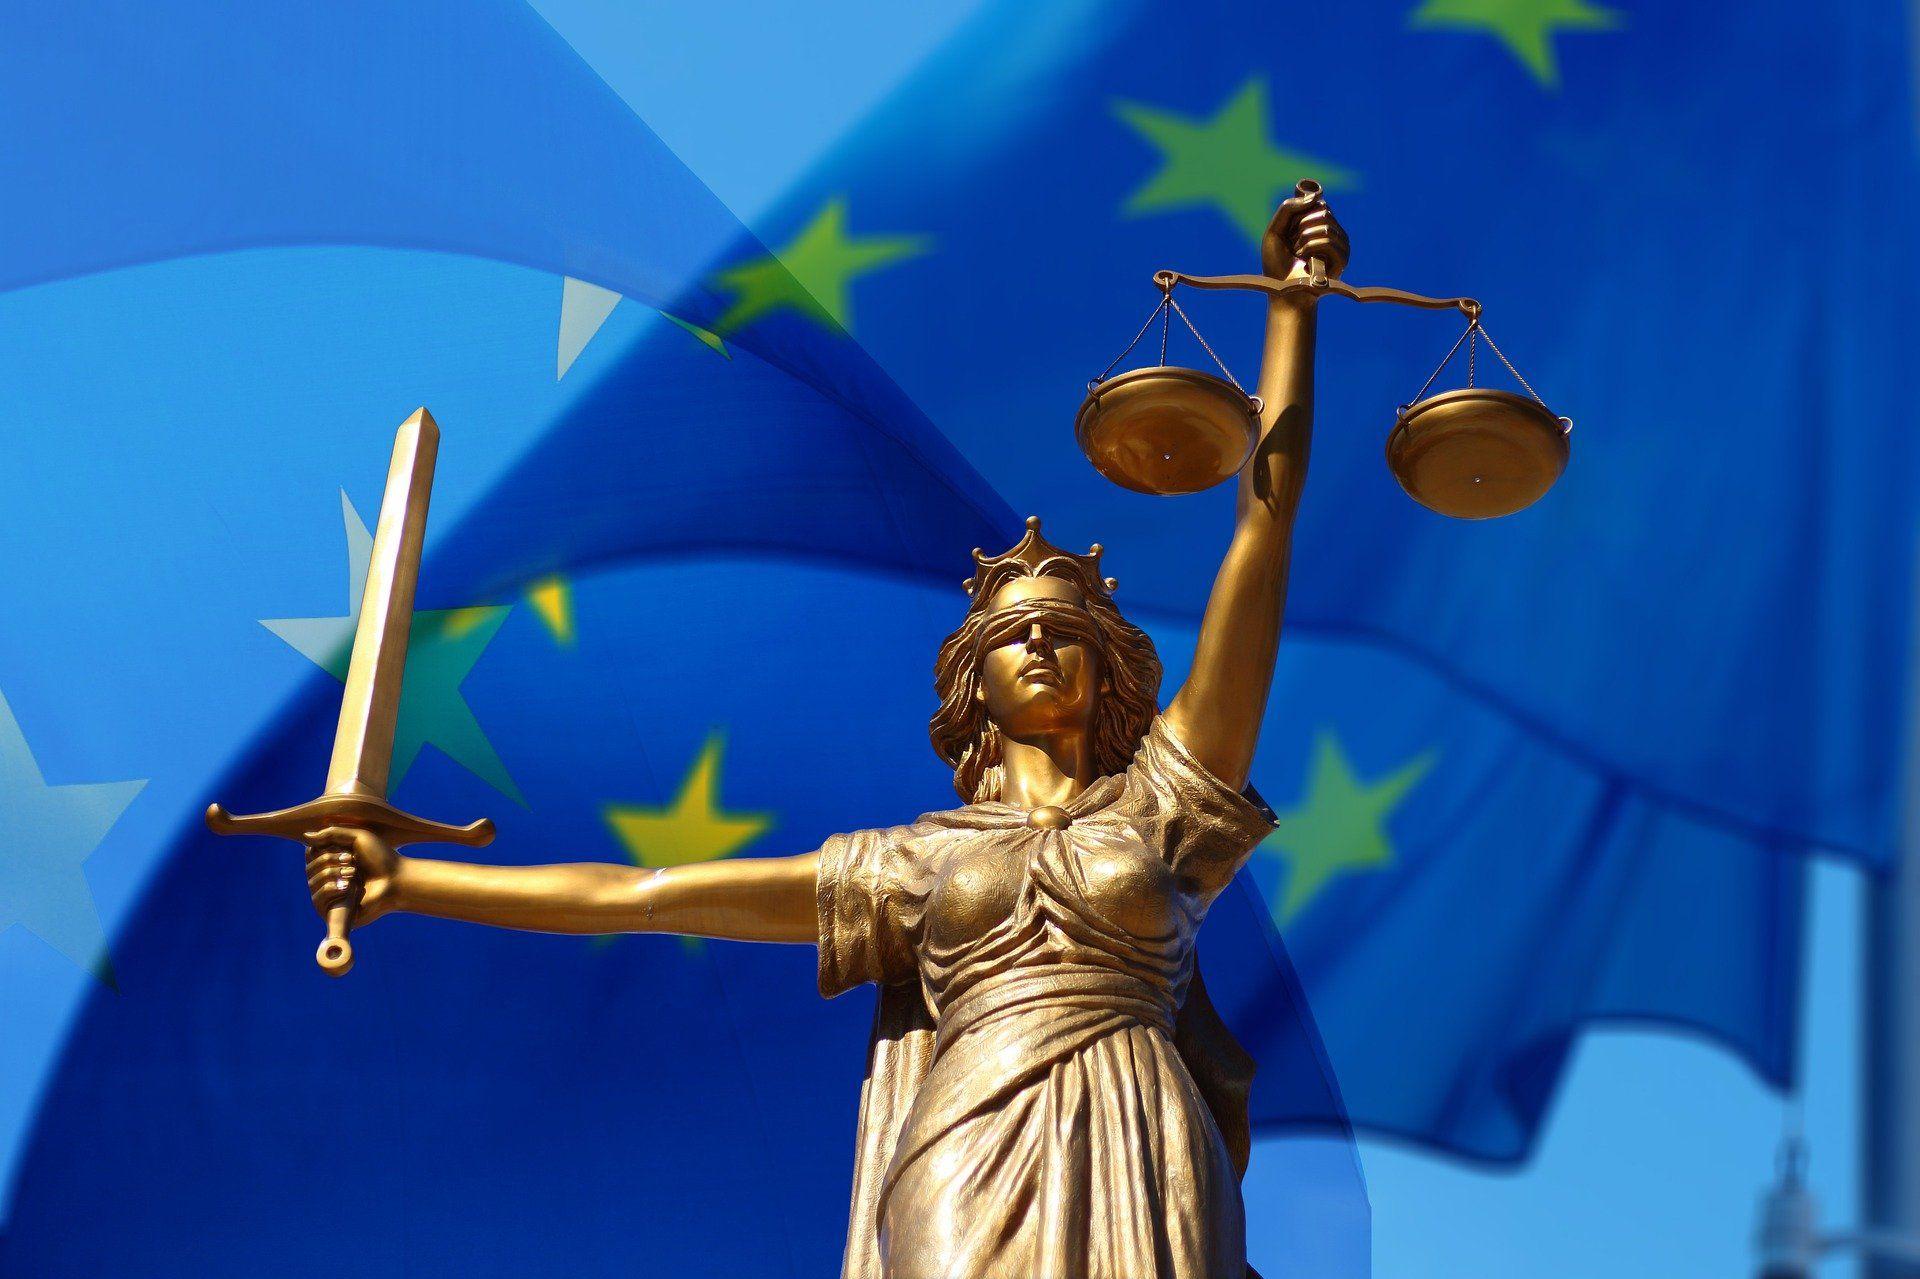 Немецкий суд обязал блогеров отмечать проплаченные посты